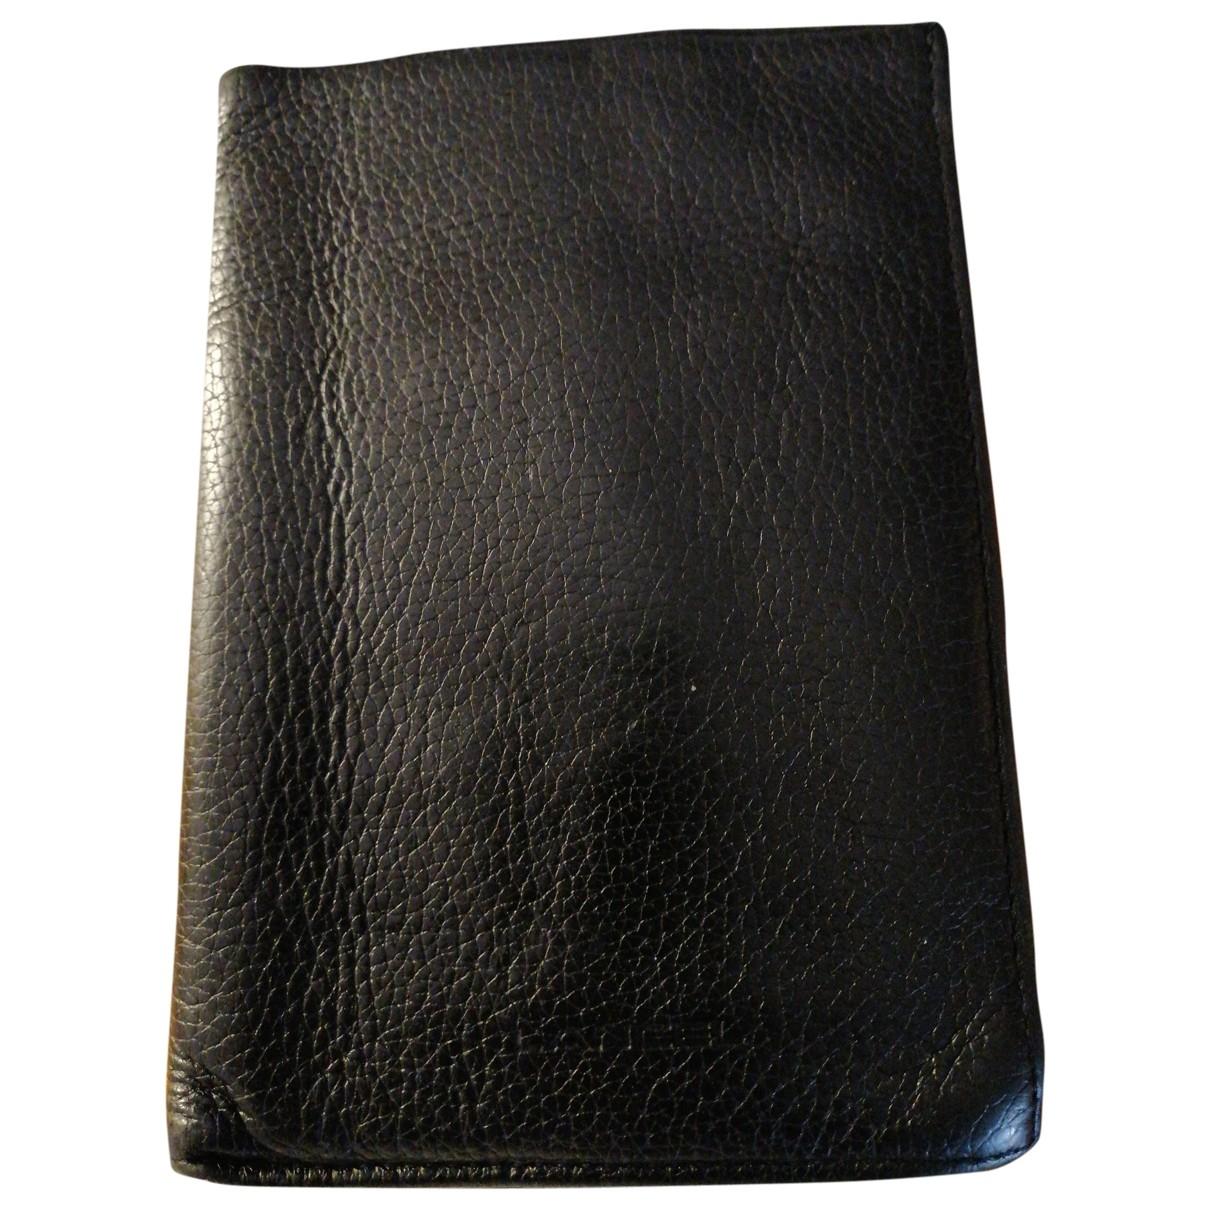 Lancel - Petite maroquinerie   pour homme en cuir - noir